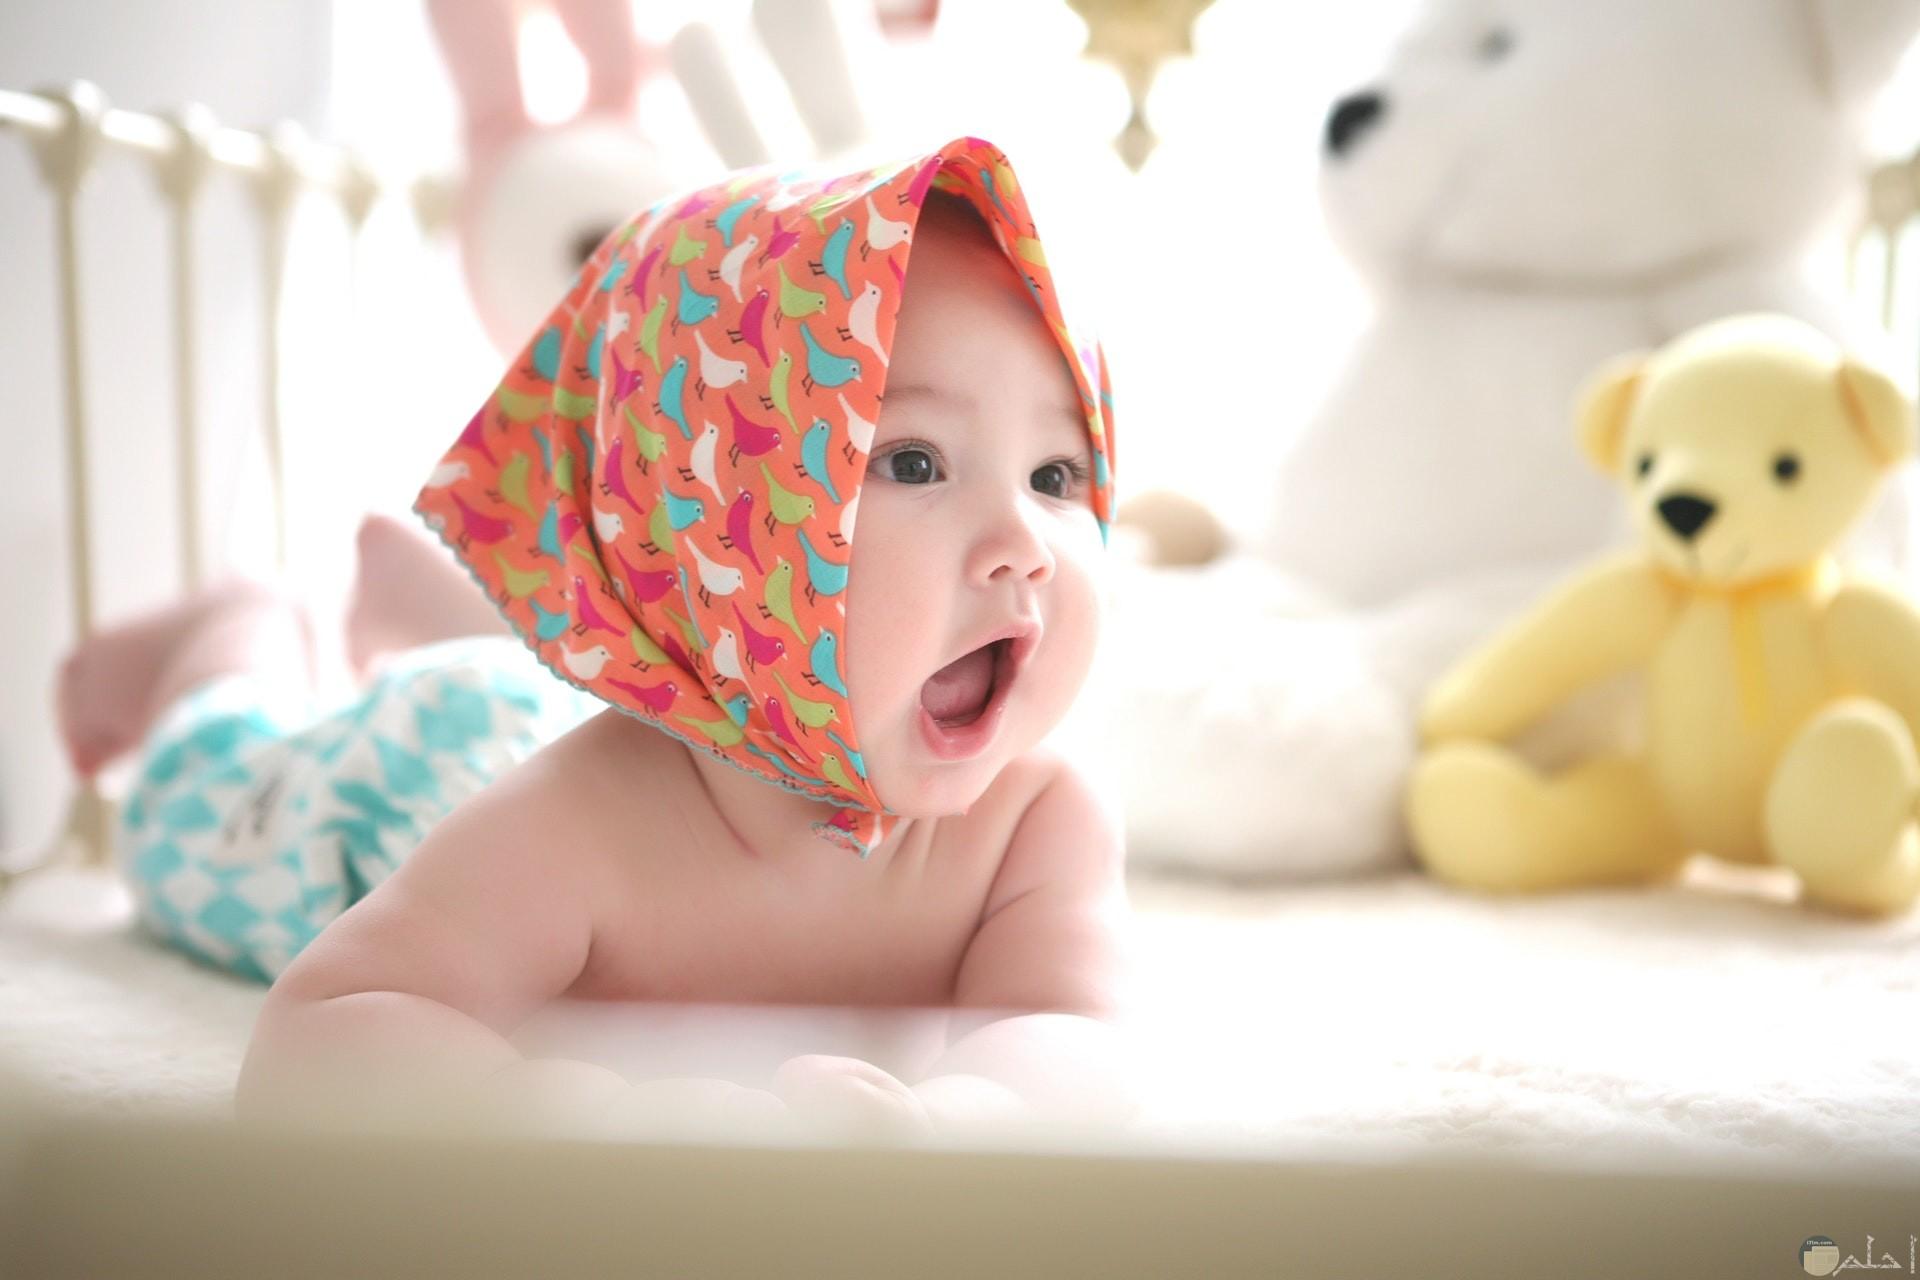 صورة رومانسية لطفل صغير بتعبير وجهه المصدوم مع مجموعة دببة لعب